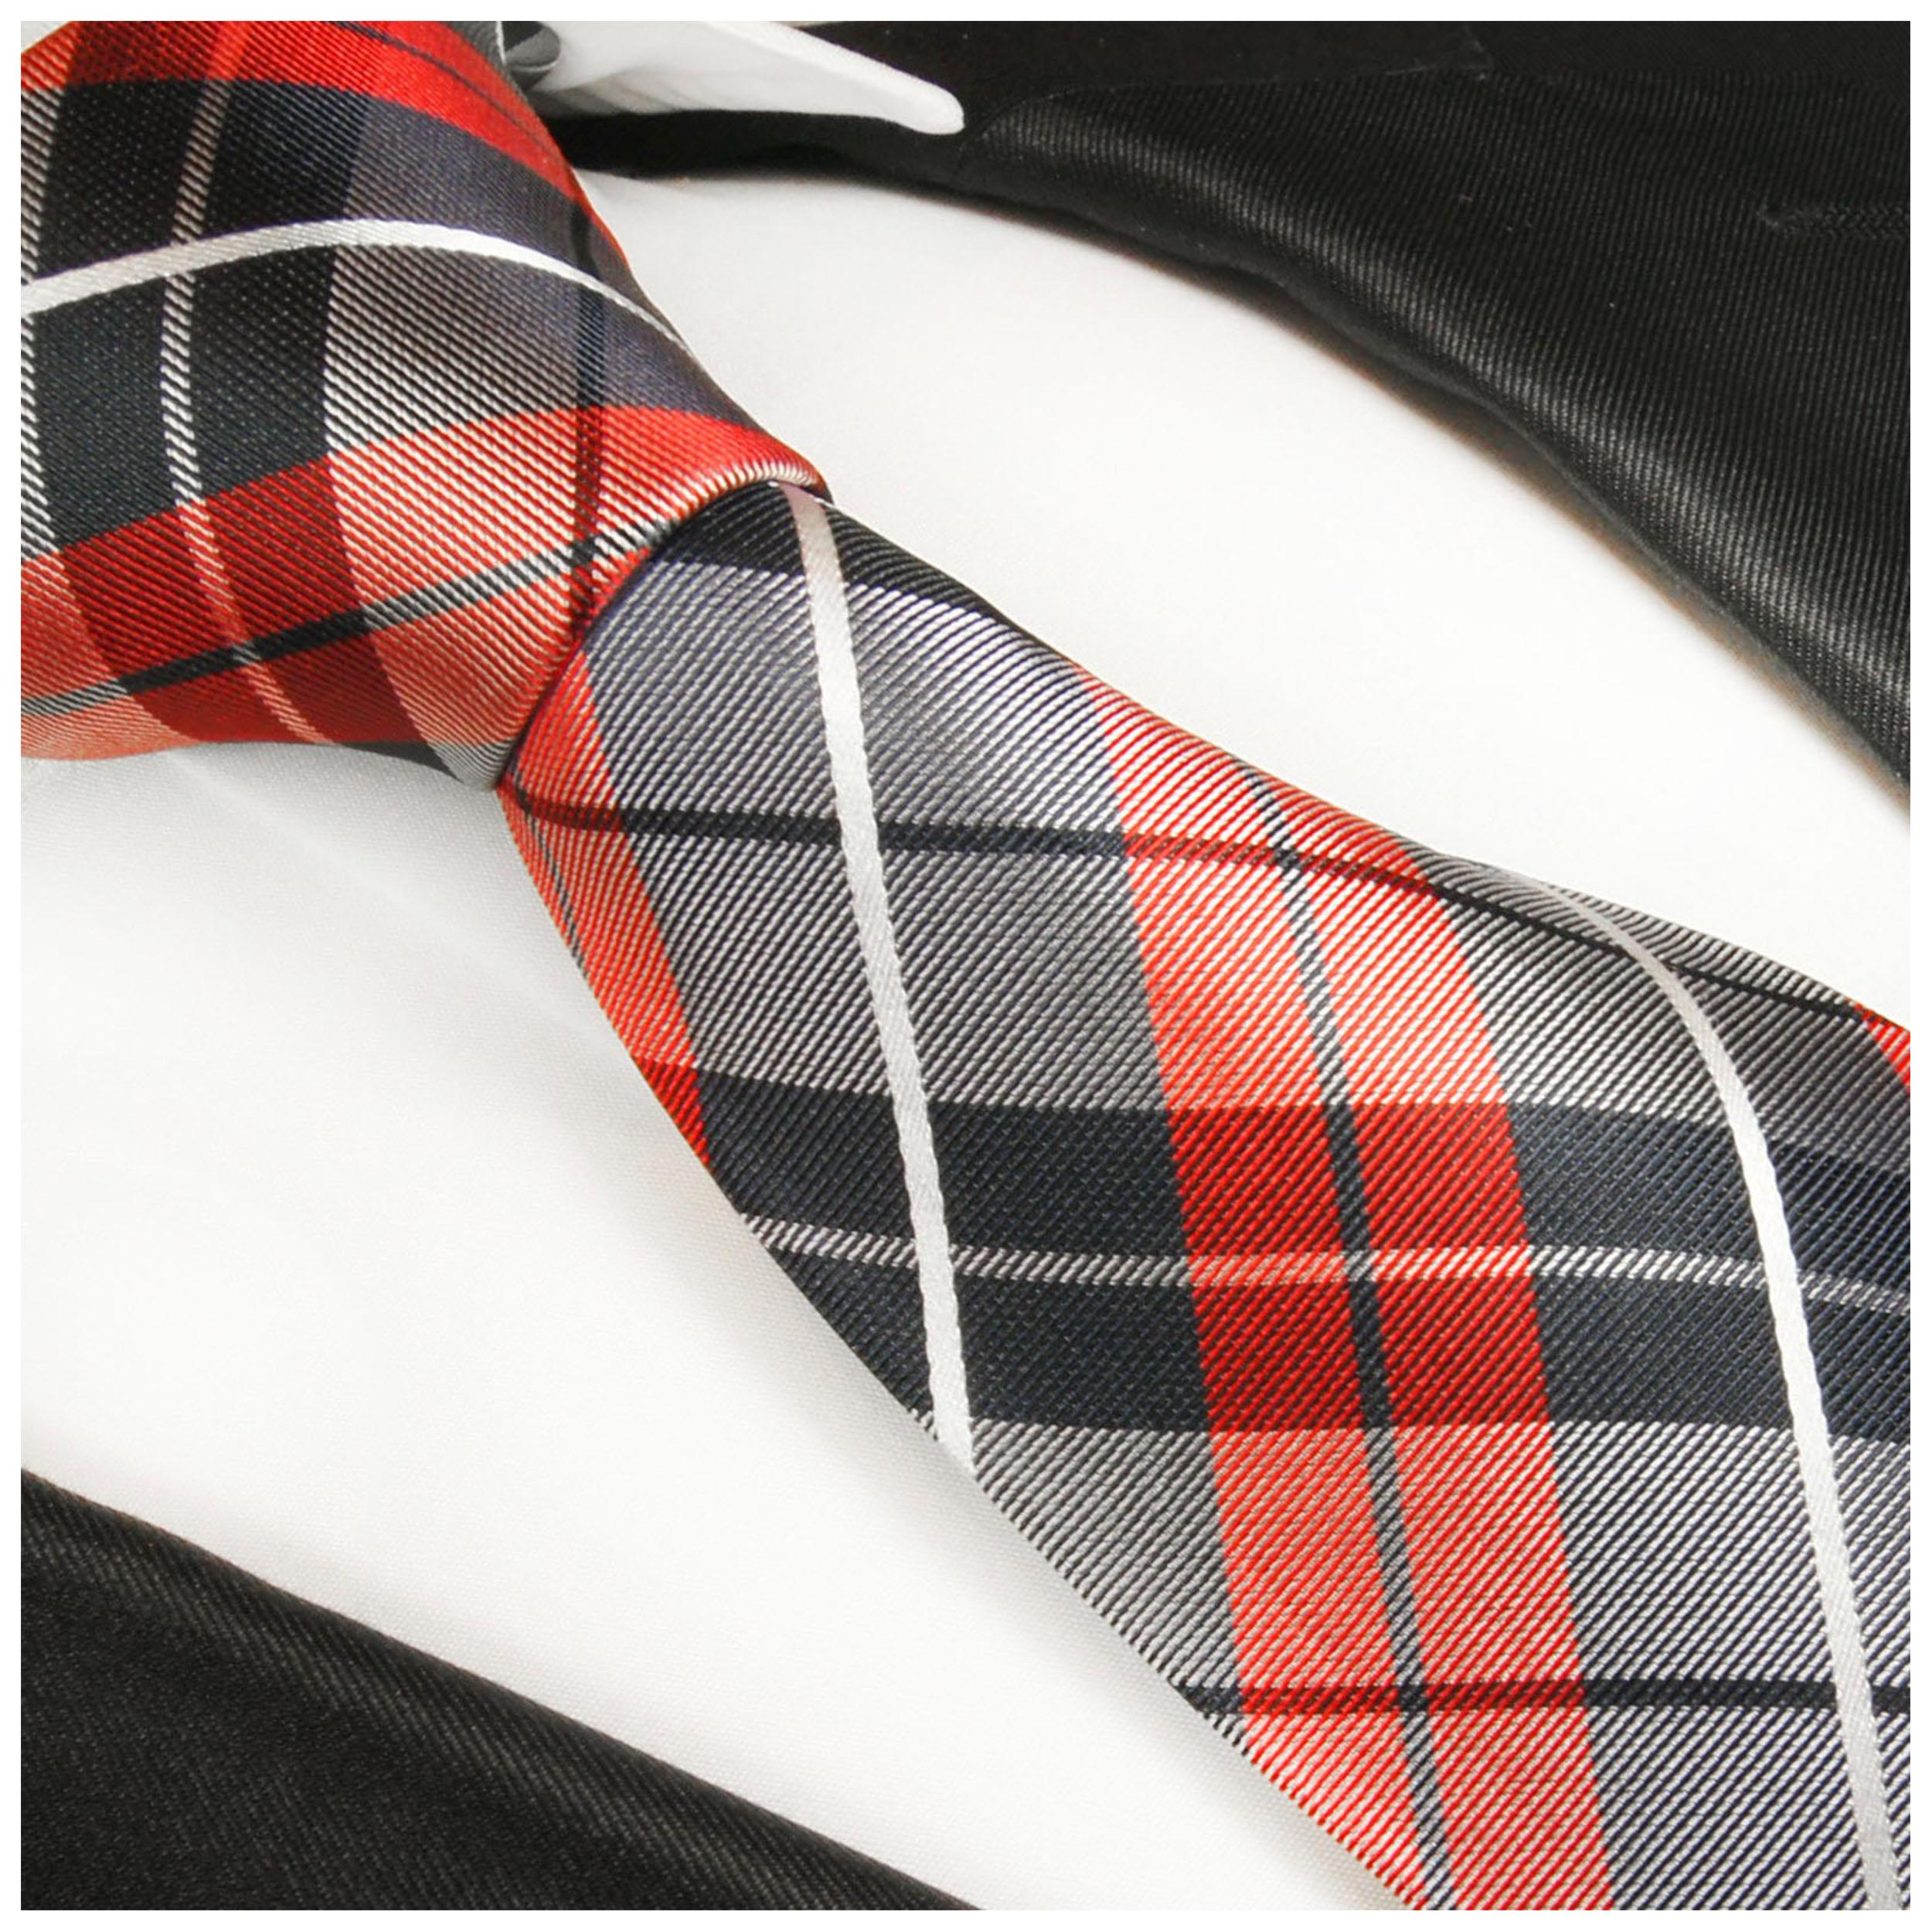 Paul Malone Krawatte kariert rot blau gestreift rote Seidenkrawatte 592